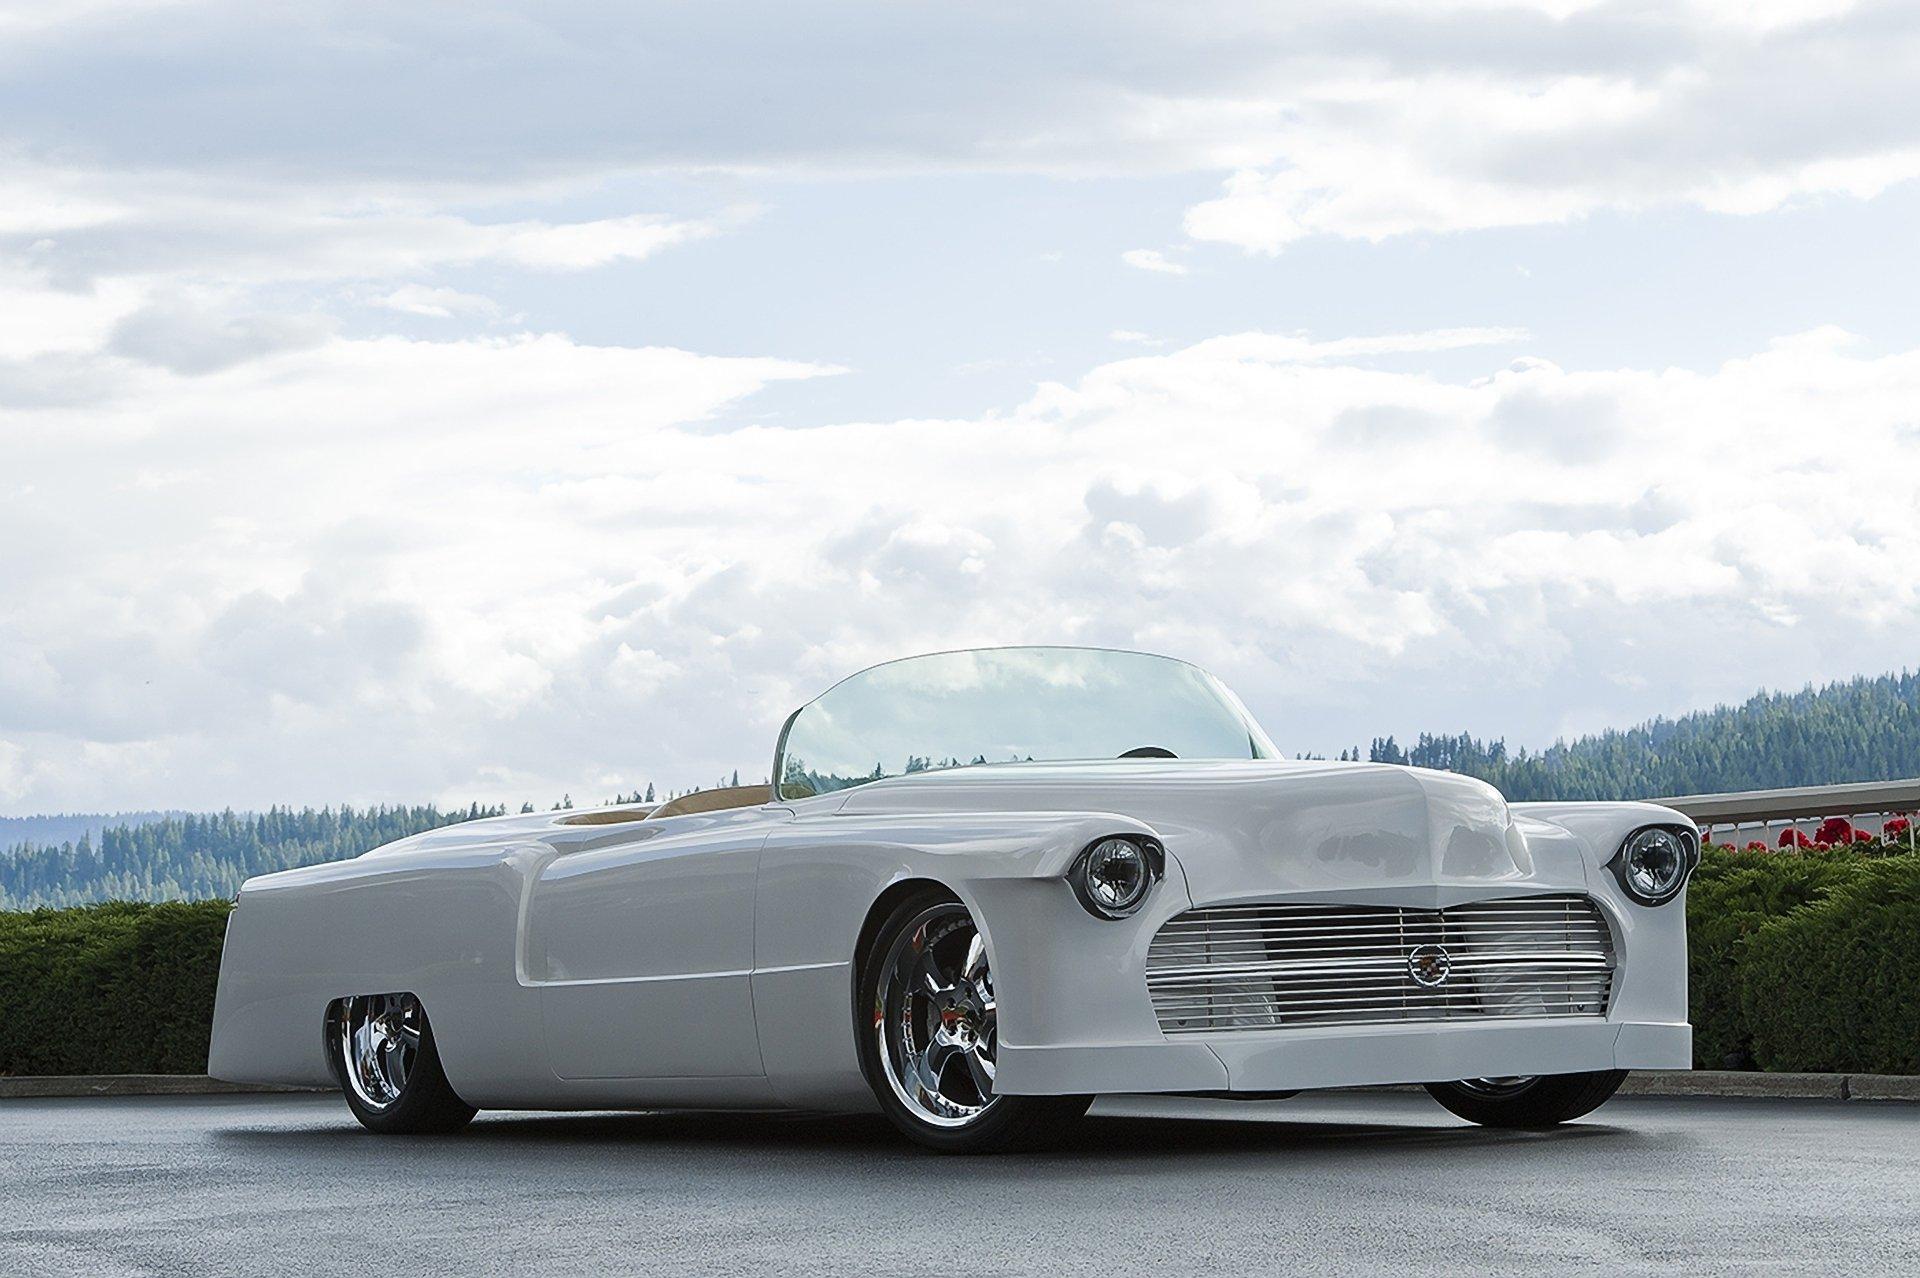 1955 Cadillac Eldorado-02 wallpaper